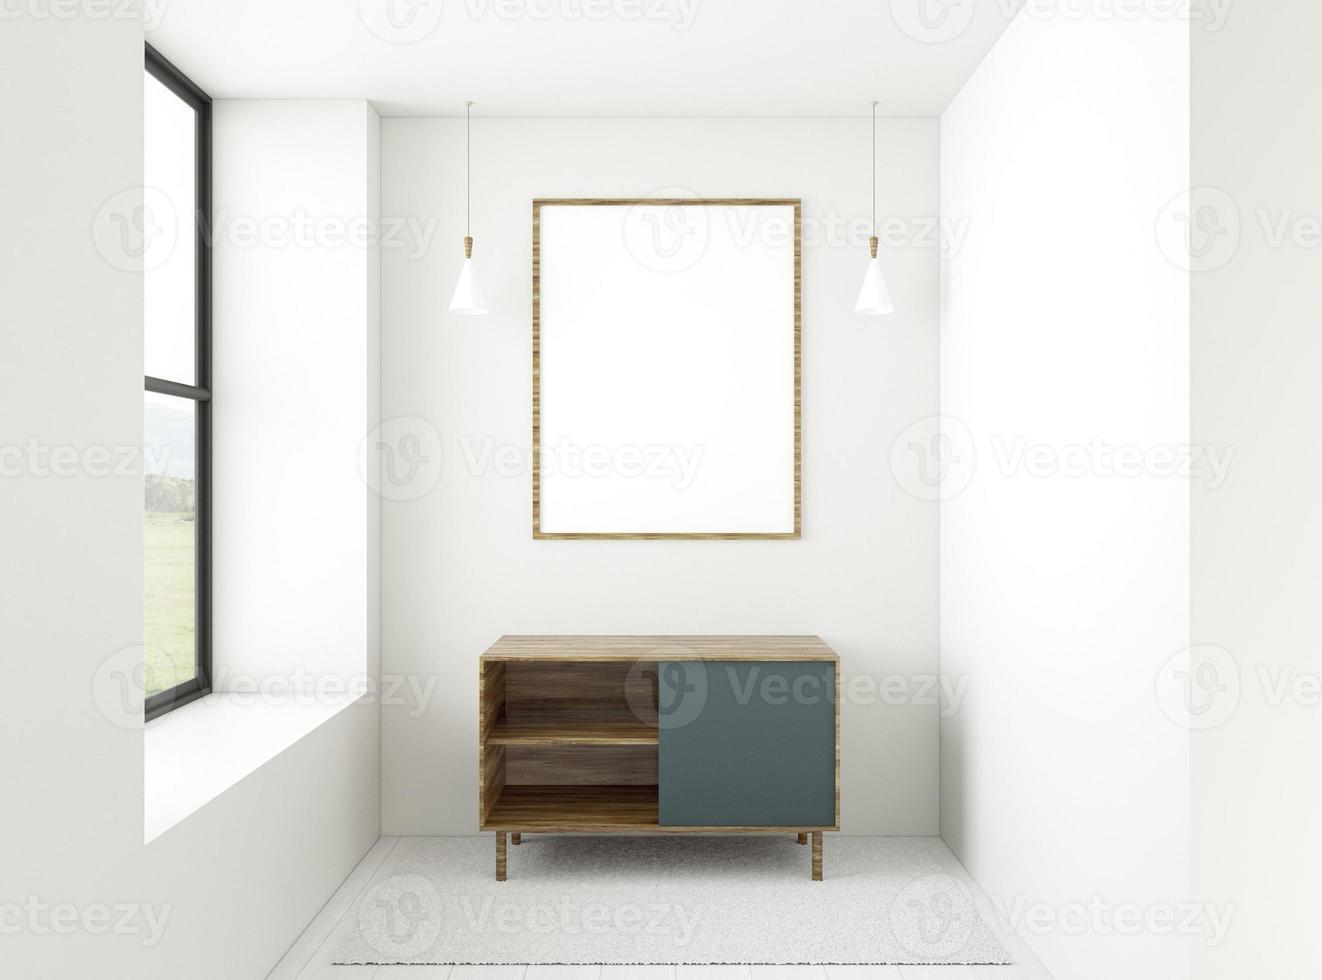 salle 3d minimale avec cadre élégant photo